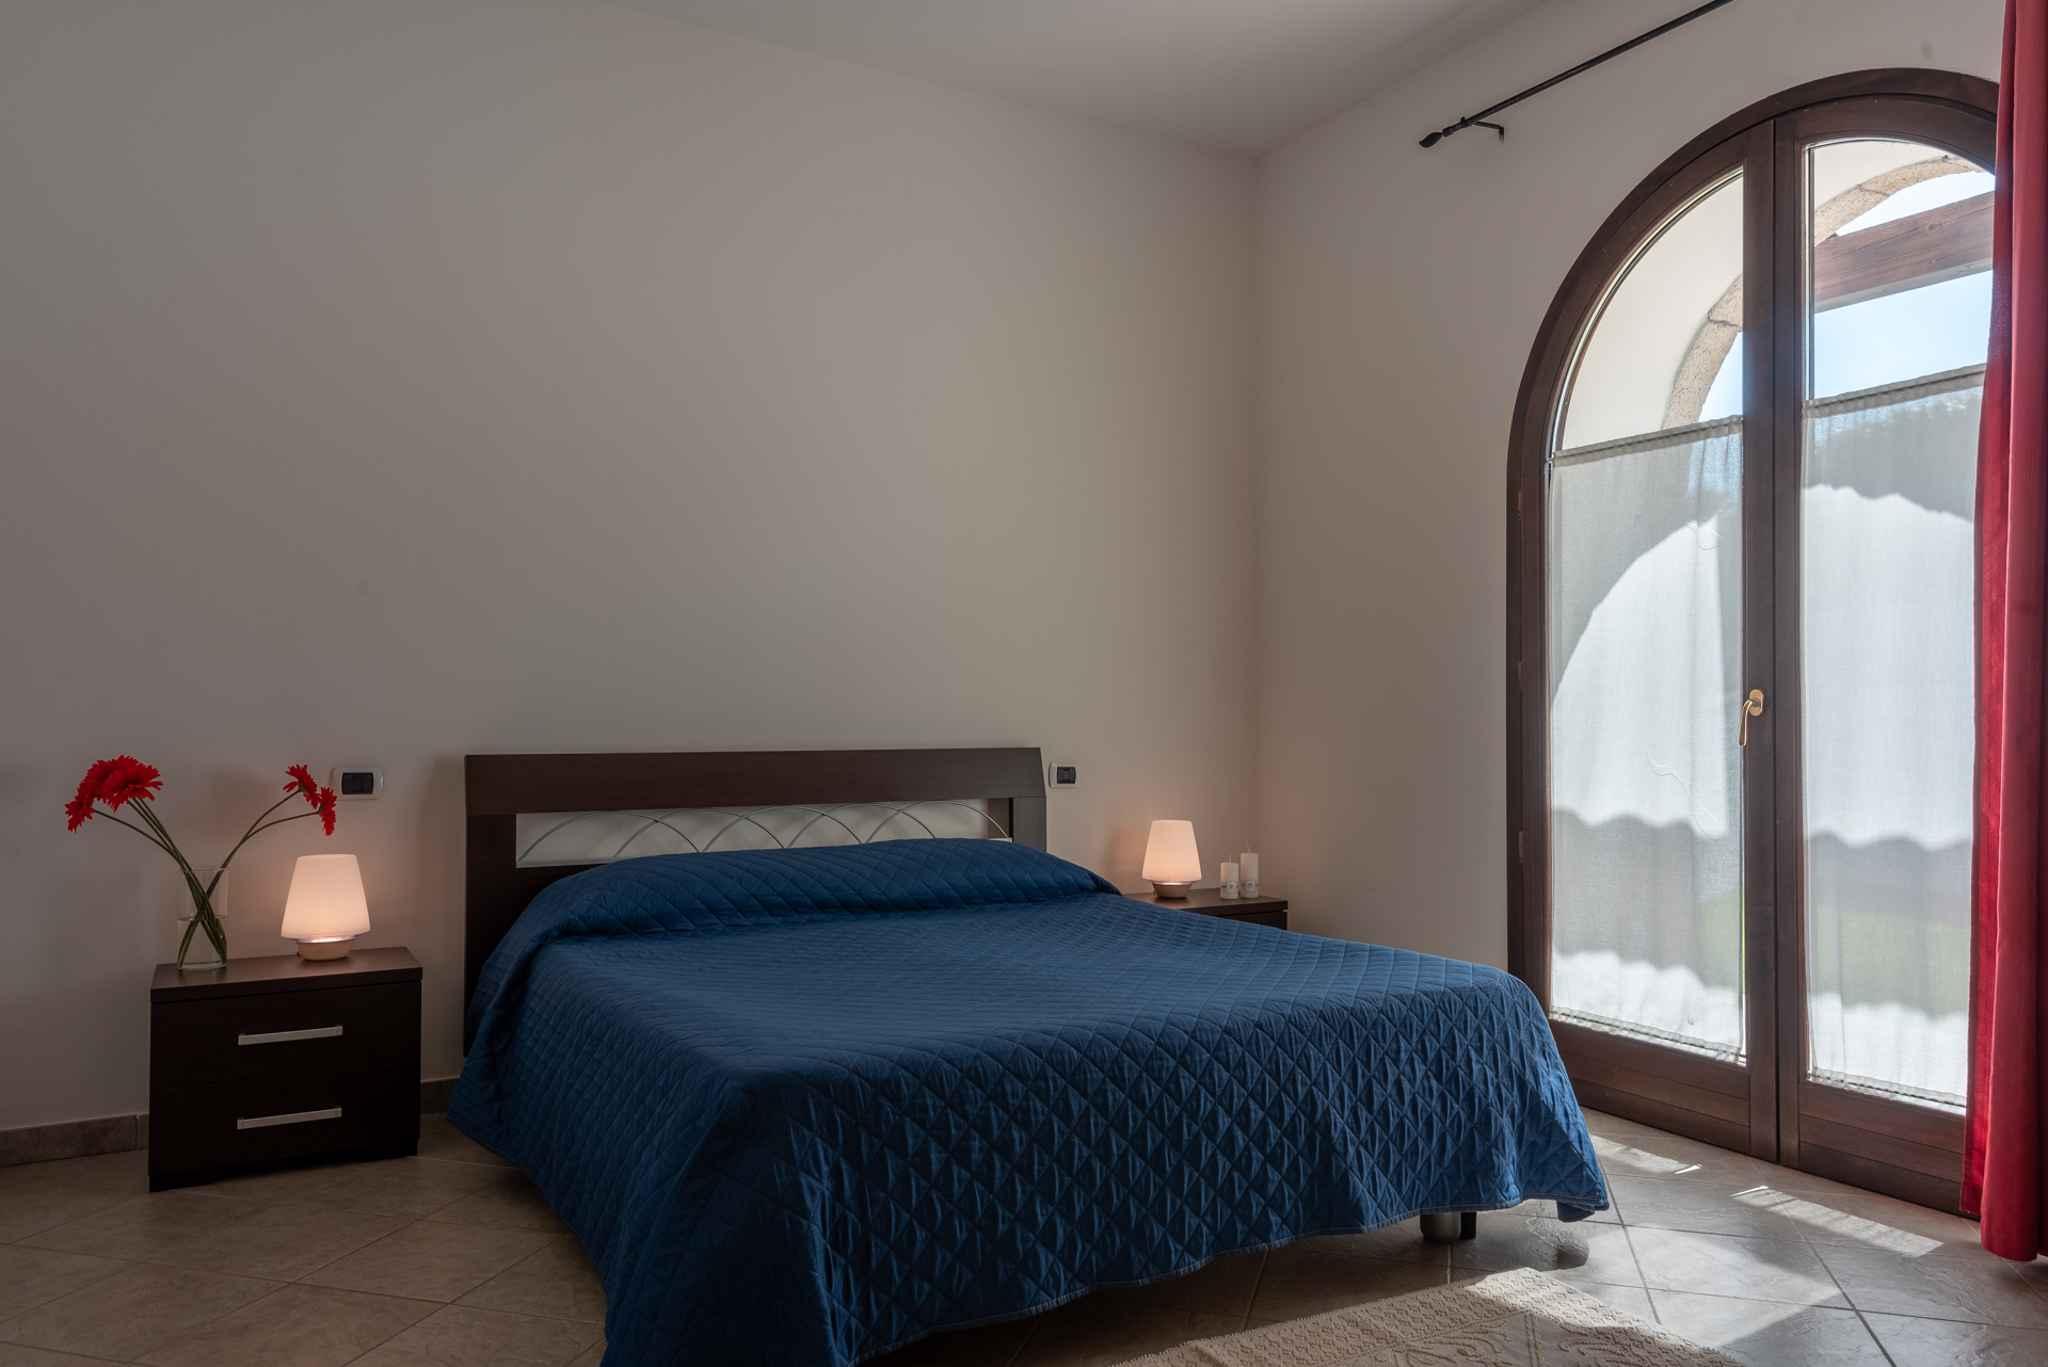 Ferienhaus mit KLimaanlage (2182423), Alghero, Sassari, Sardinien, Italien, Bild 14